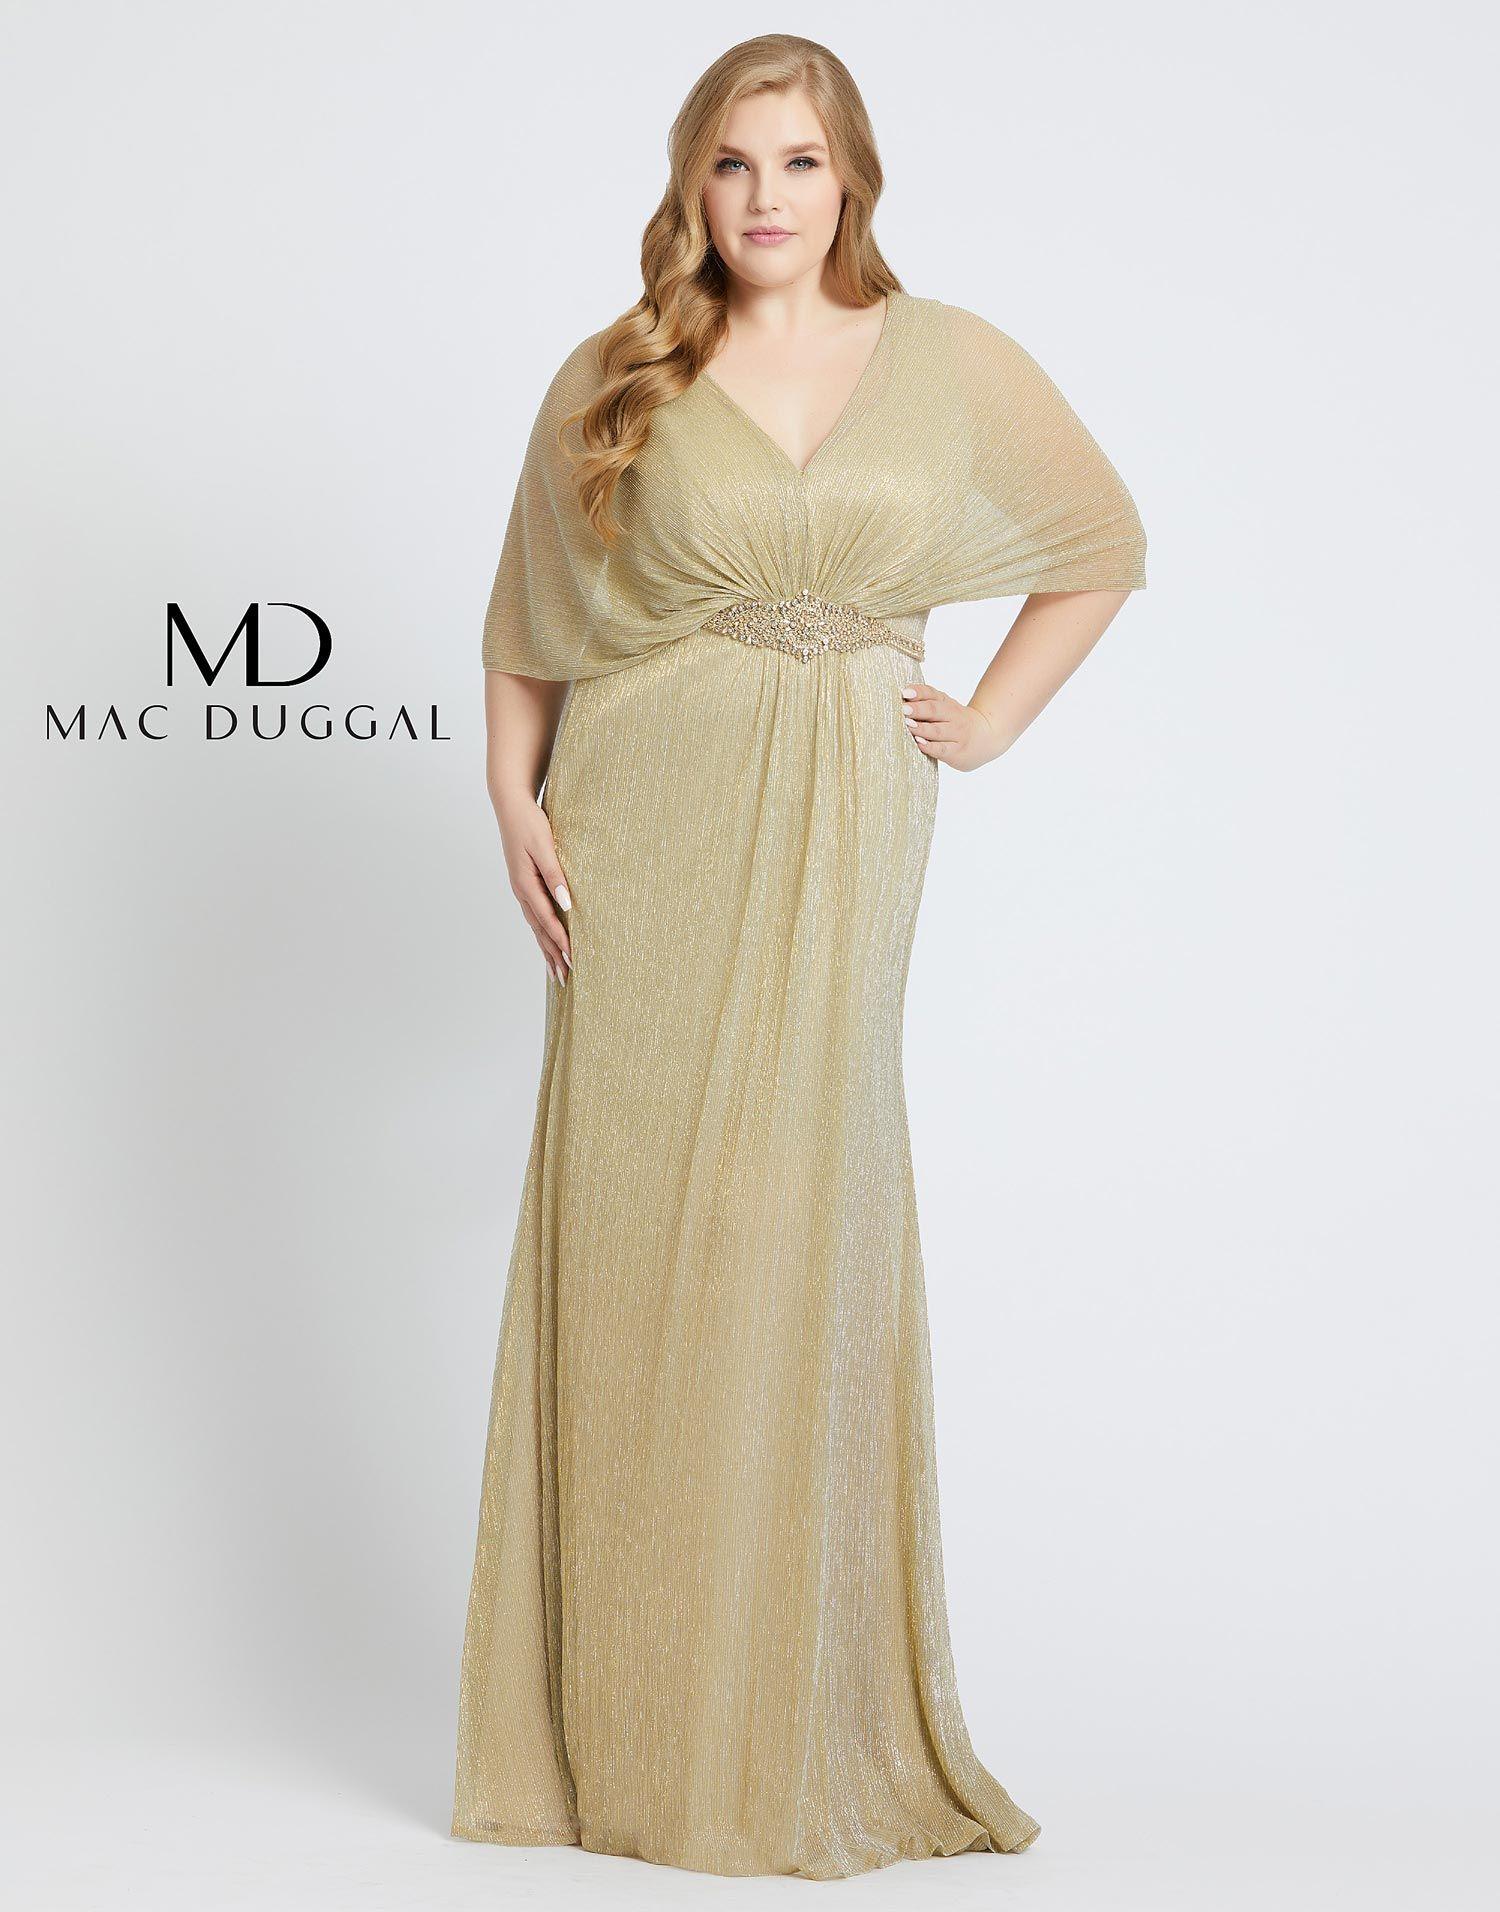 77678f Mac Duggal Plus Size Dress Wedding Dresses Plus Size Gold Sparkle Dresses Plus Size Formal Dresses [ 1912 x 1500 Pixel ]